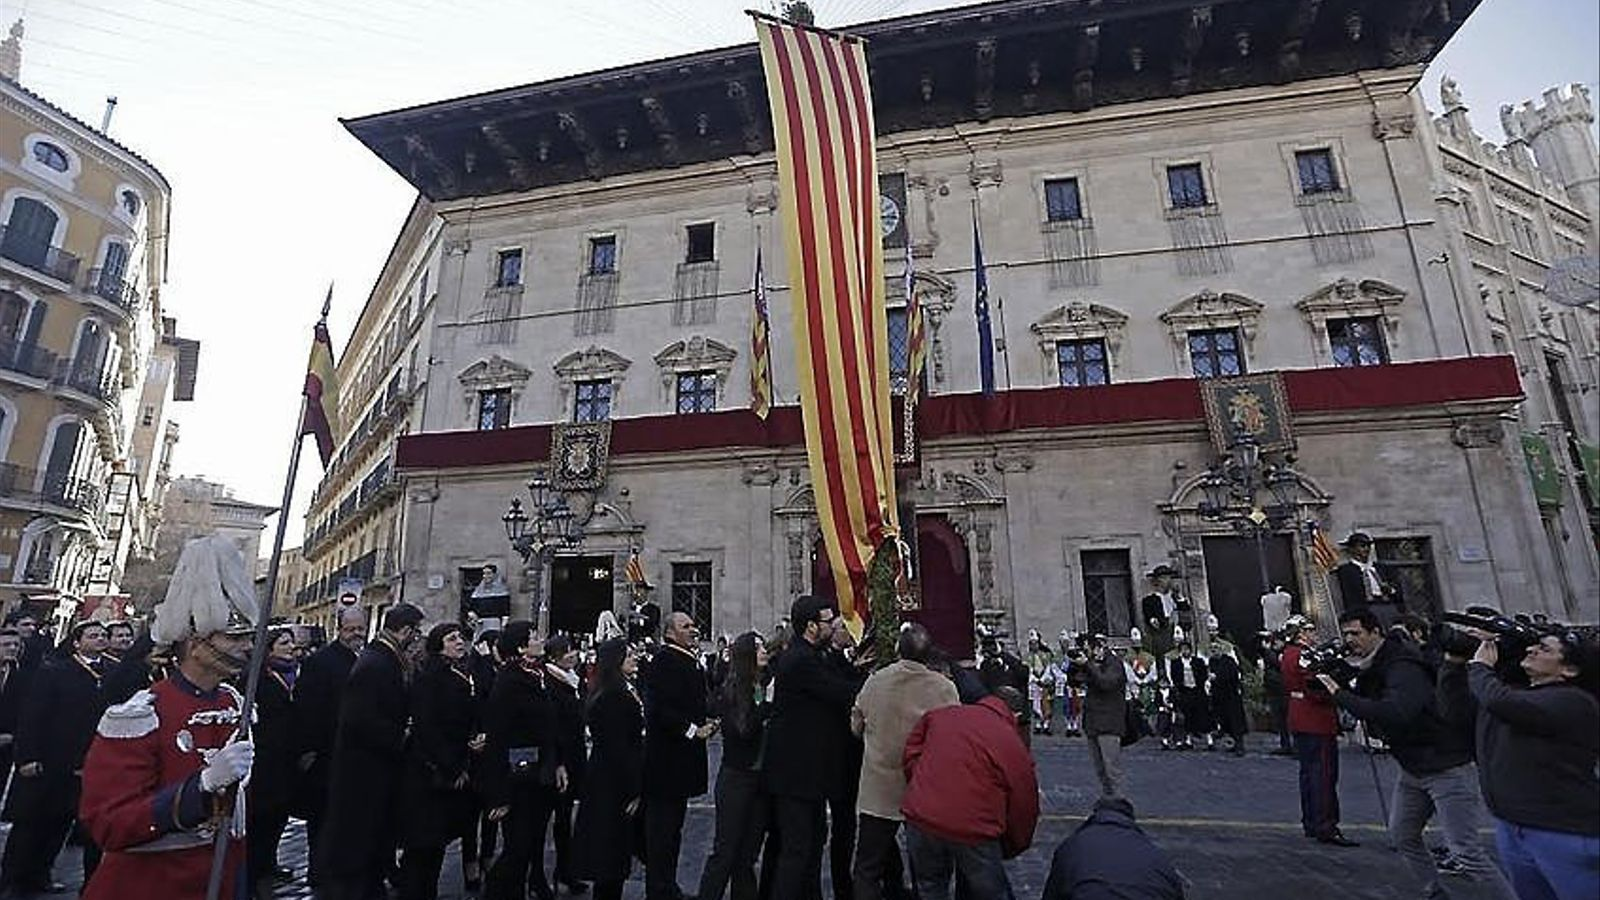 La festa de l'Estendard 2016 a la plaça de Cort de Palma amb els representants de l'Ajuntament.